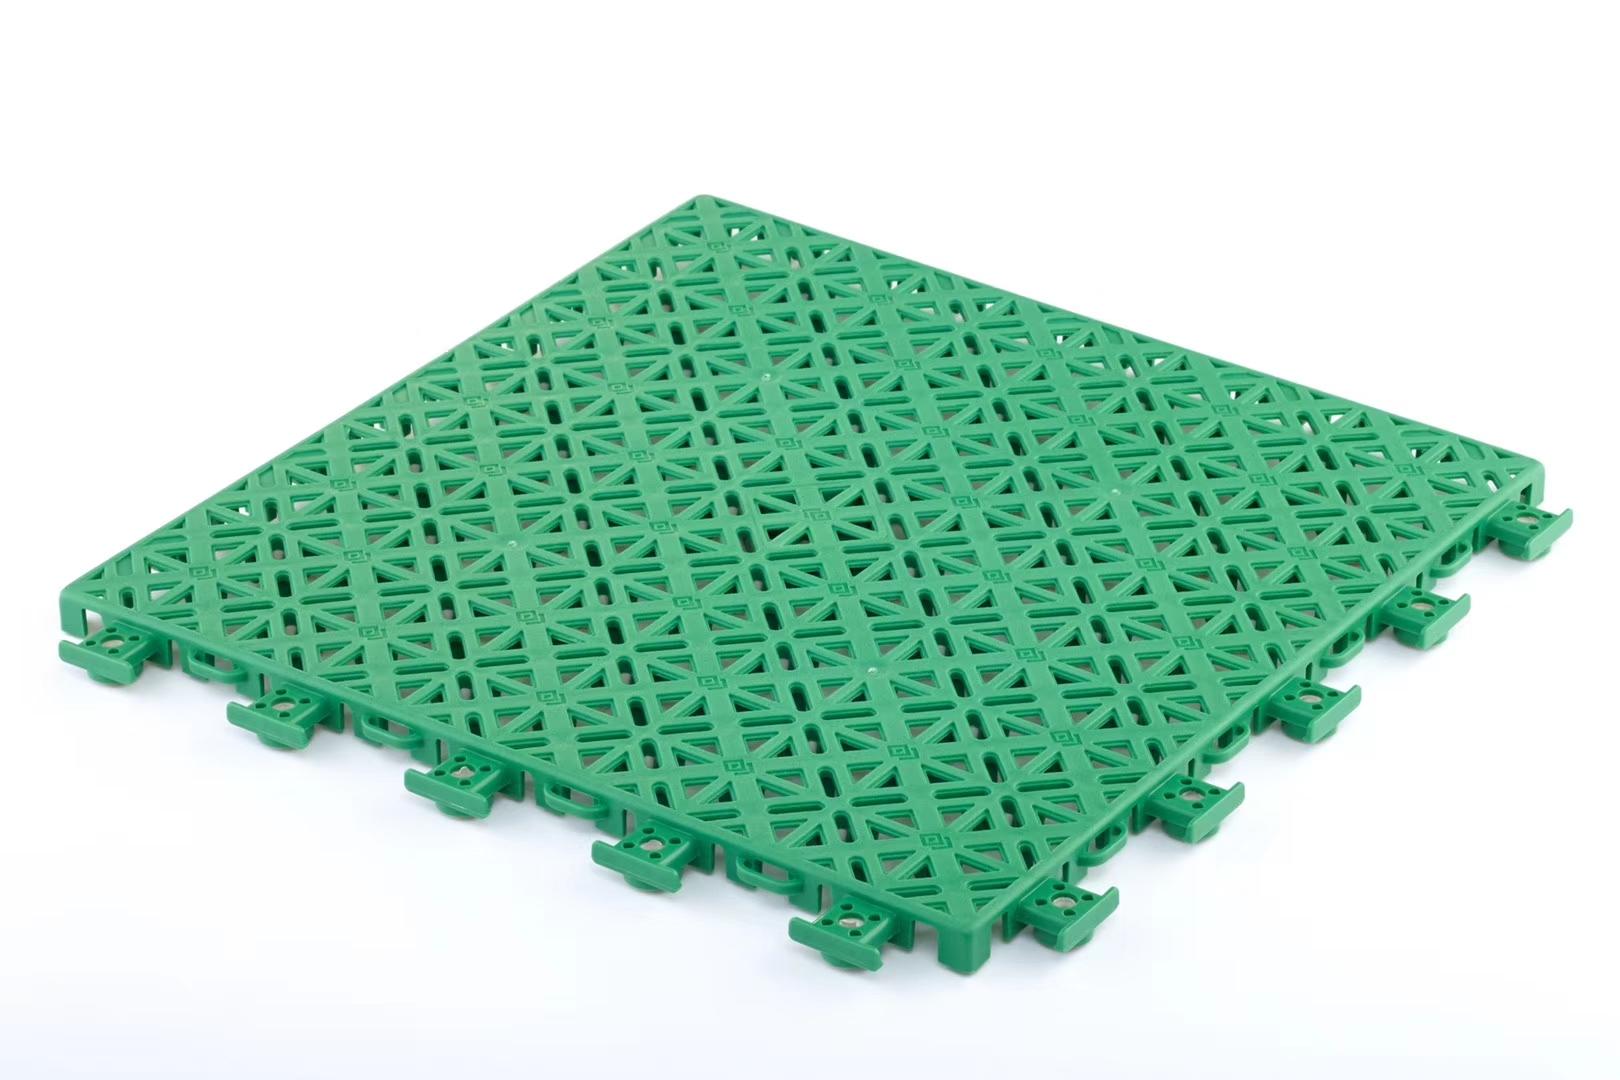 华塑高端悬浮拼装地板